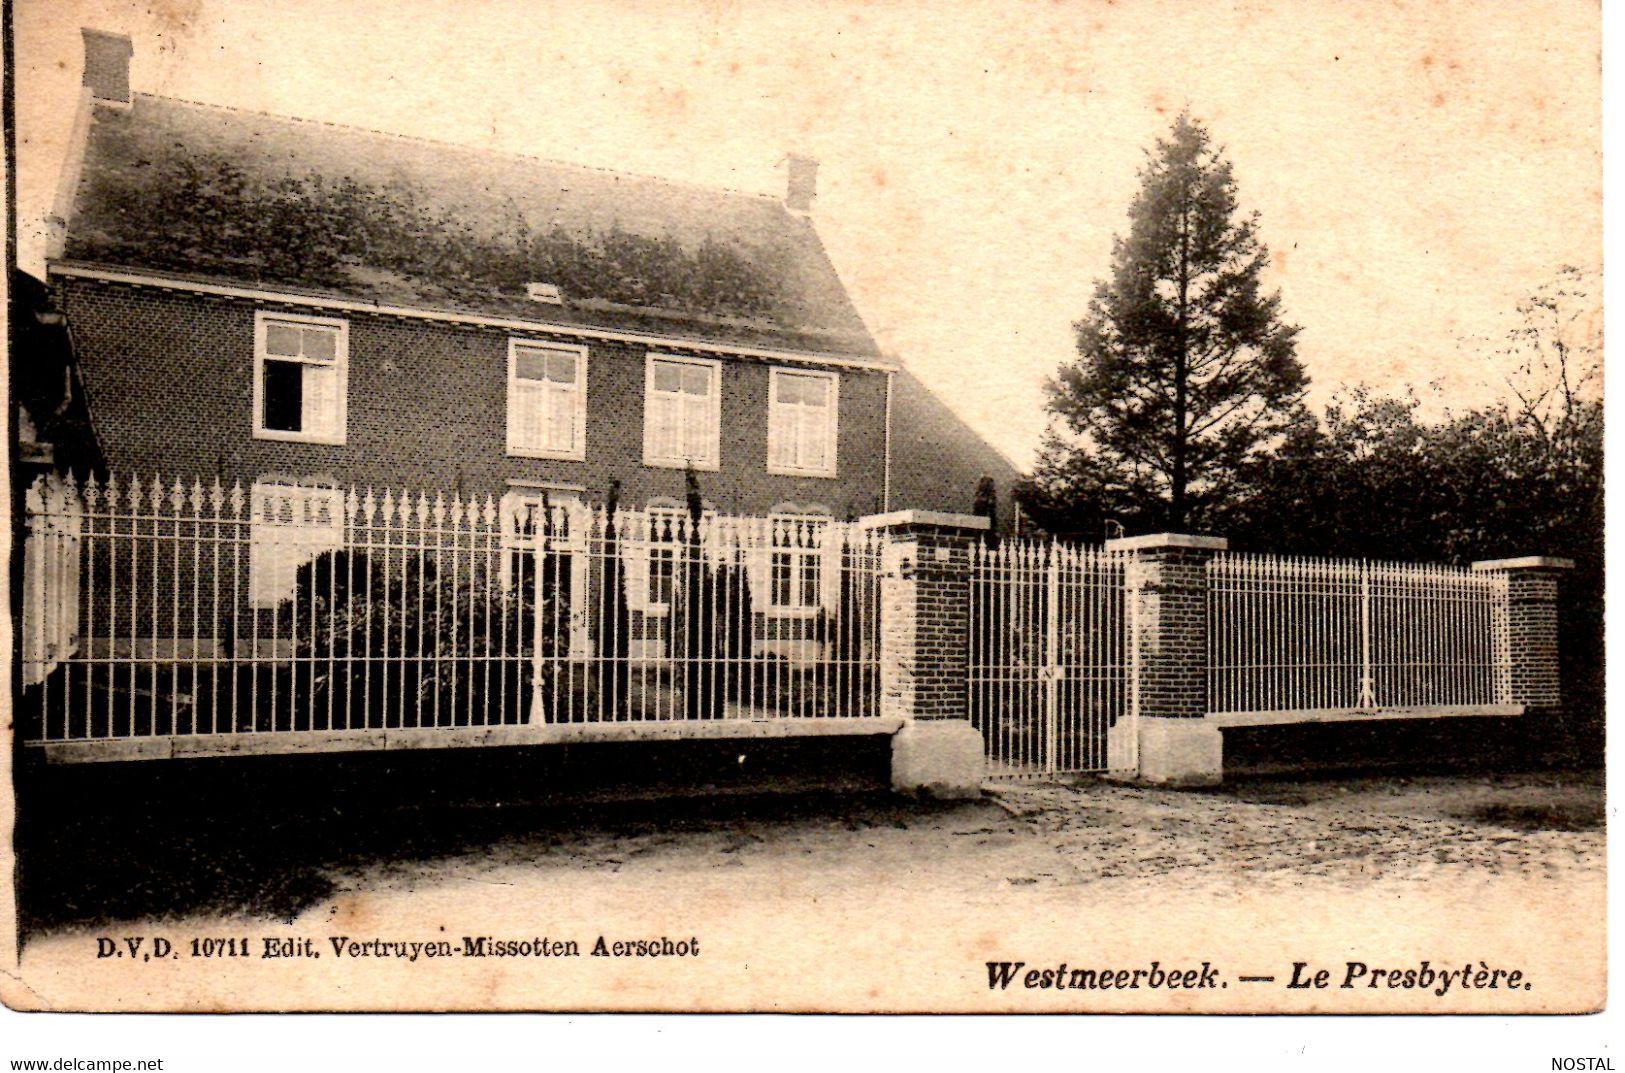 J 61. Westmeerbeek: Le Prsbytère  DVD 10711 - Hulshout